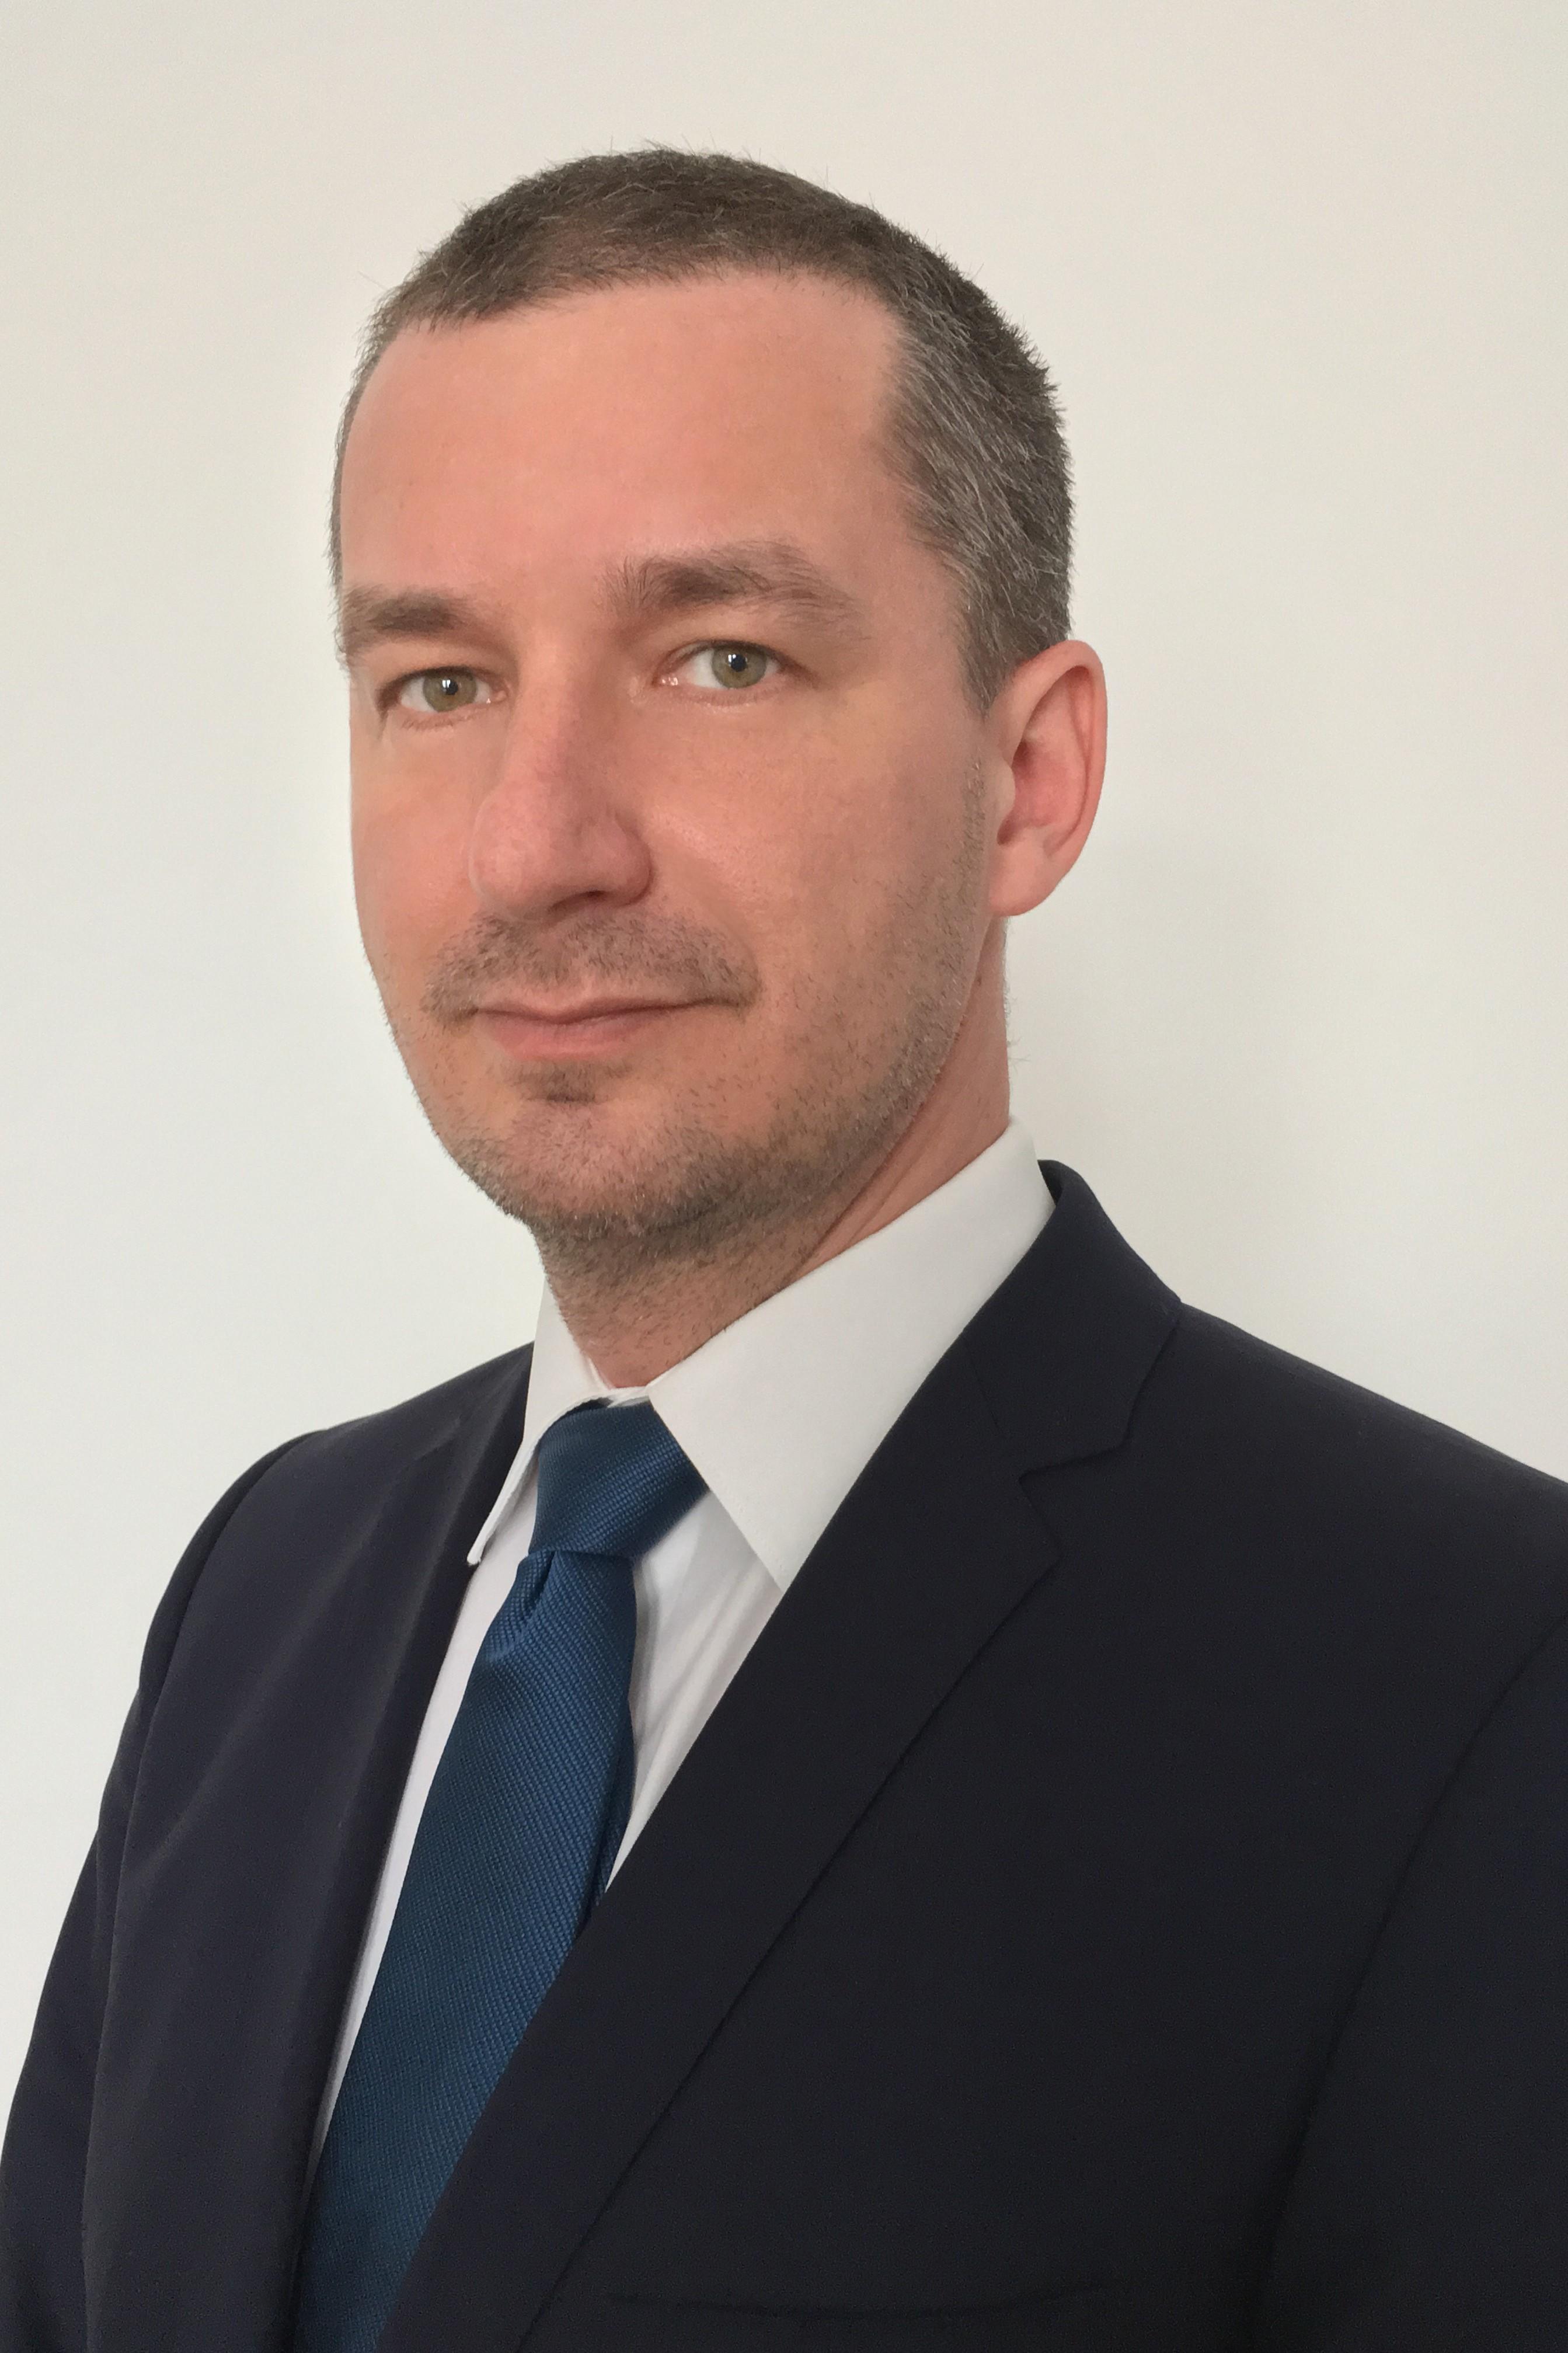 David Honi